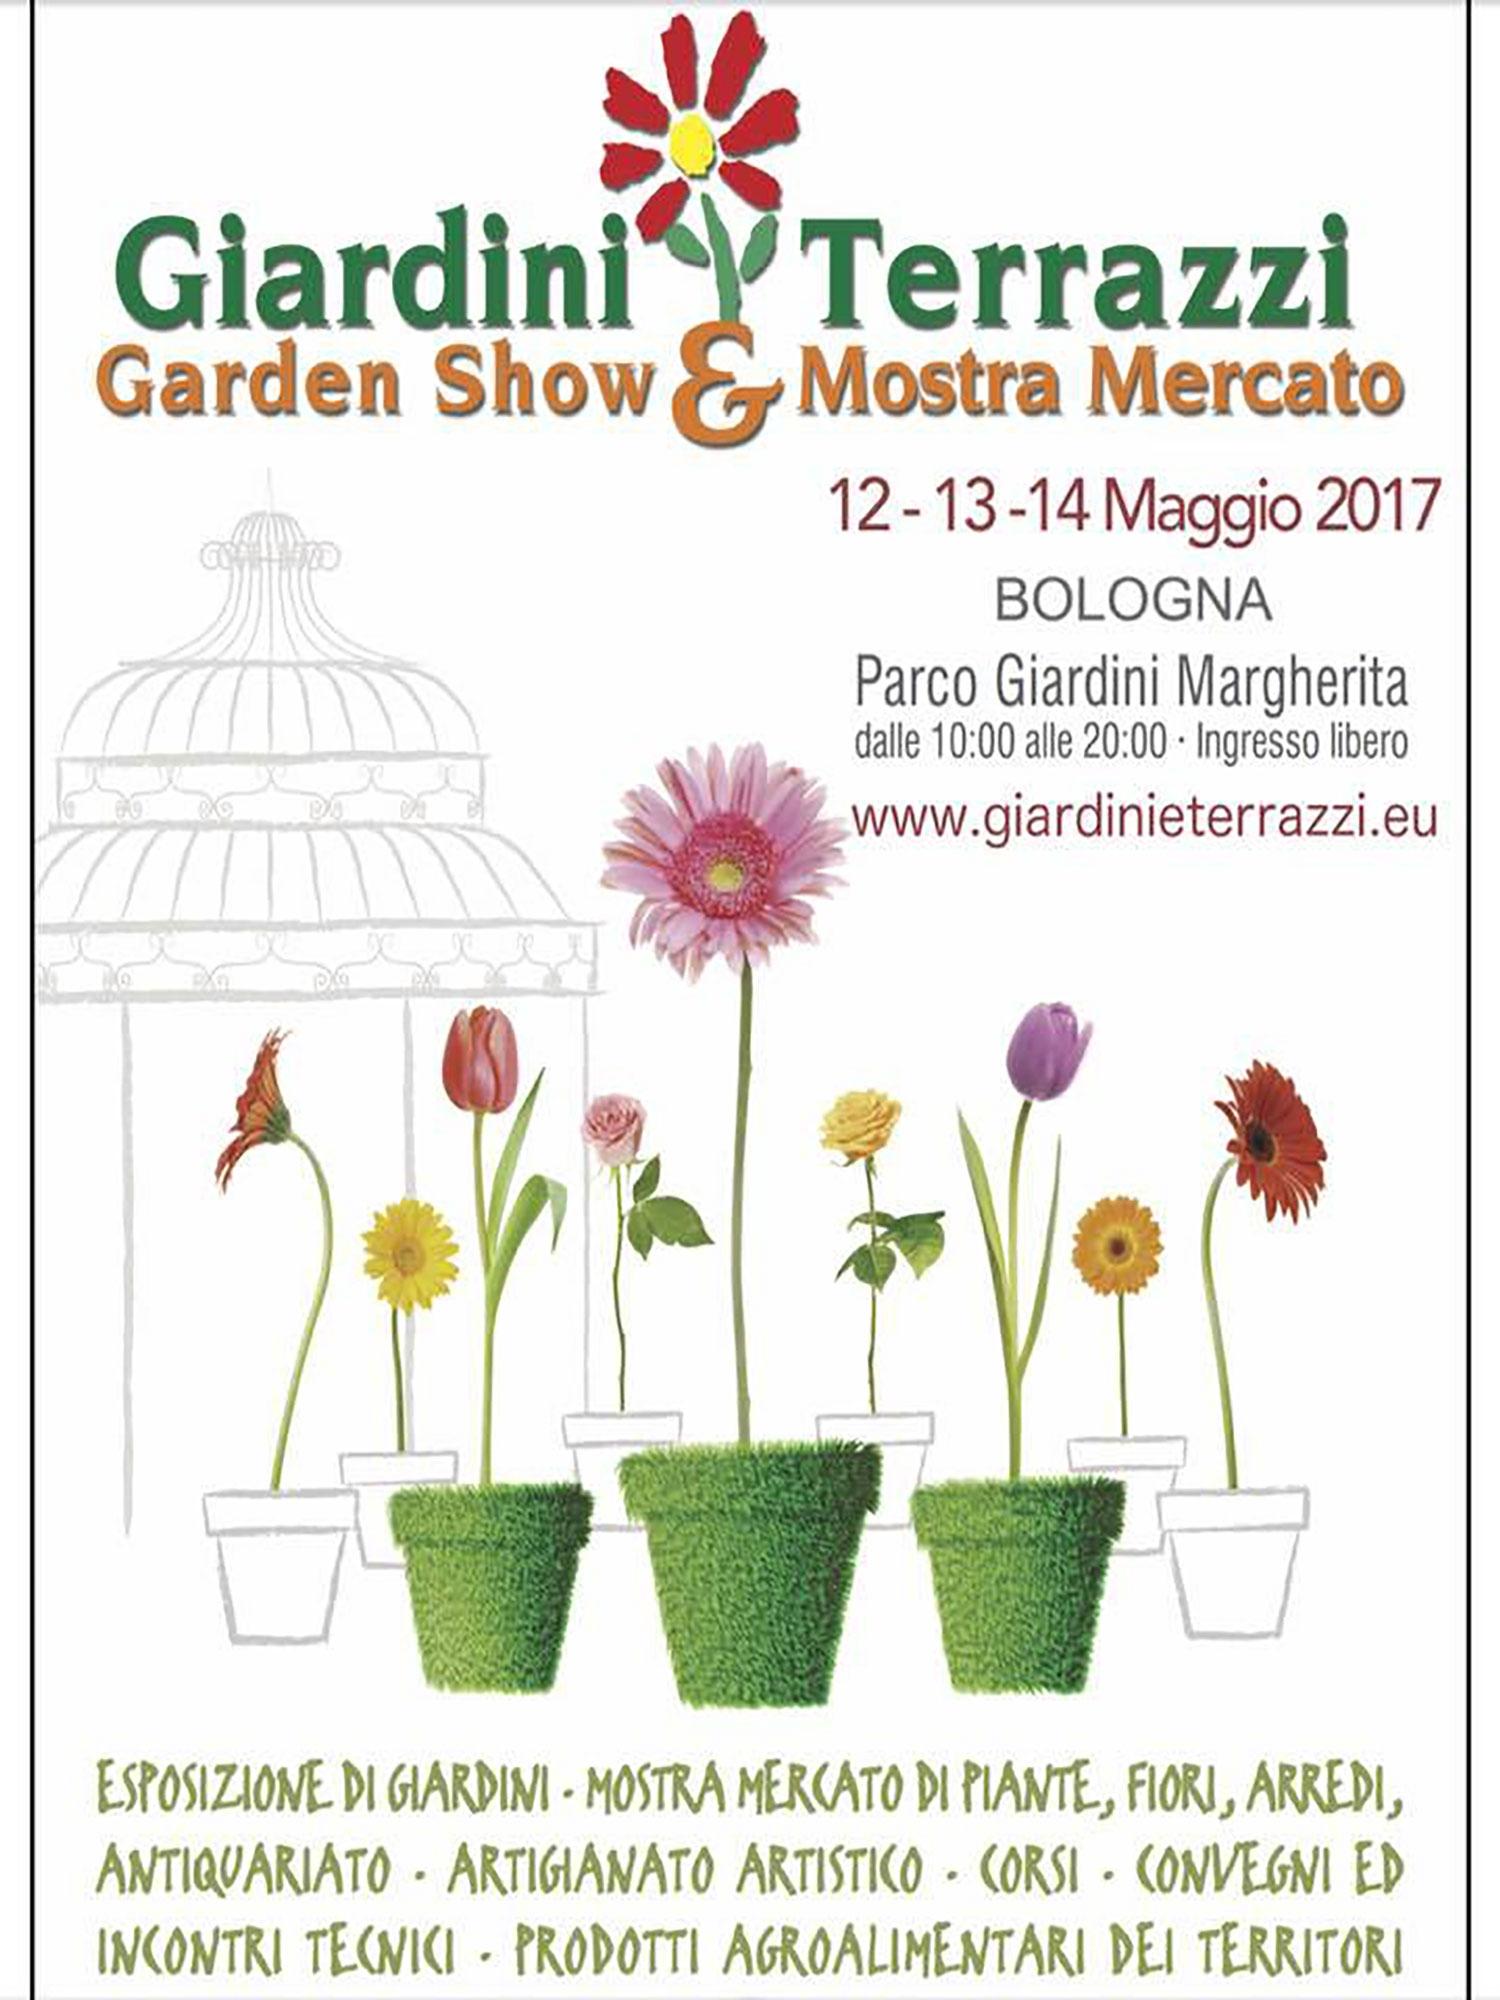 ANT a Giardini e Terrazze - Bologna - Fondazione ANT Italia Onlus